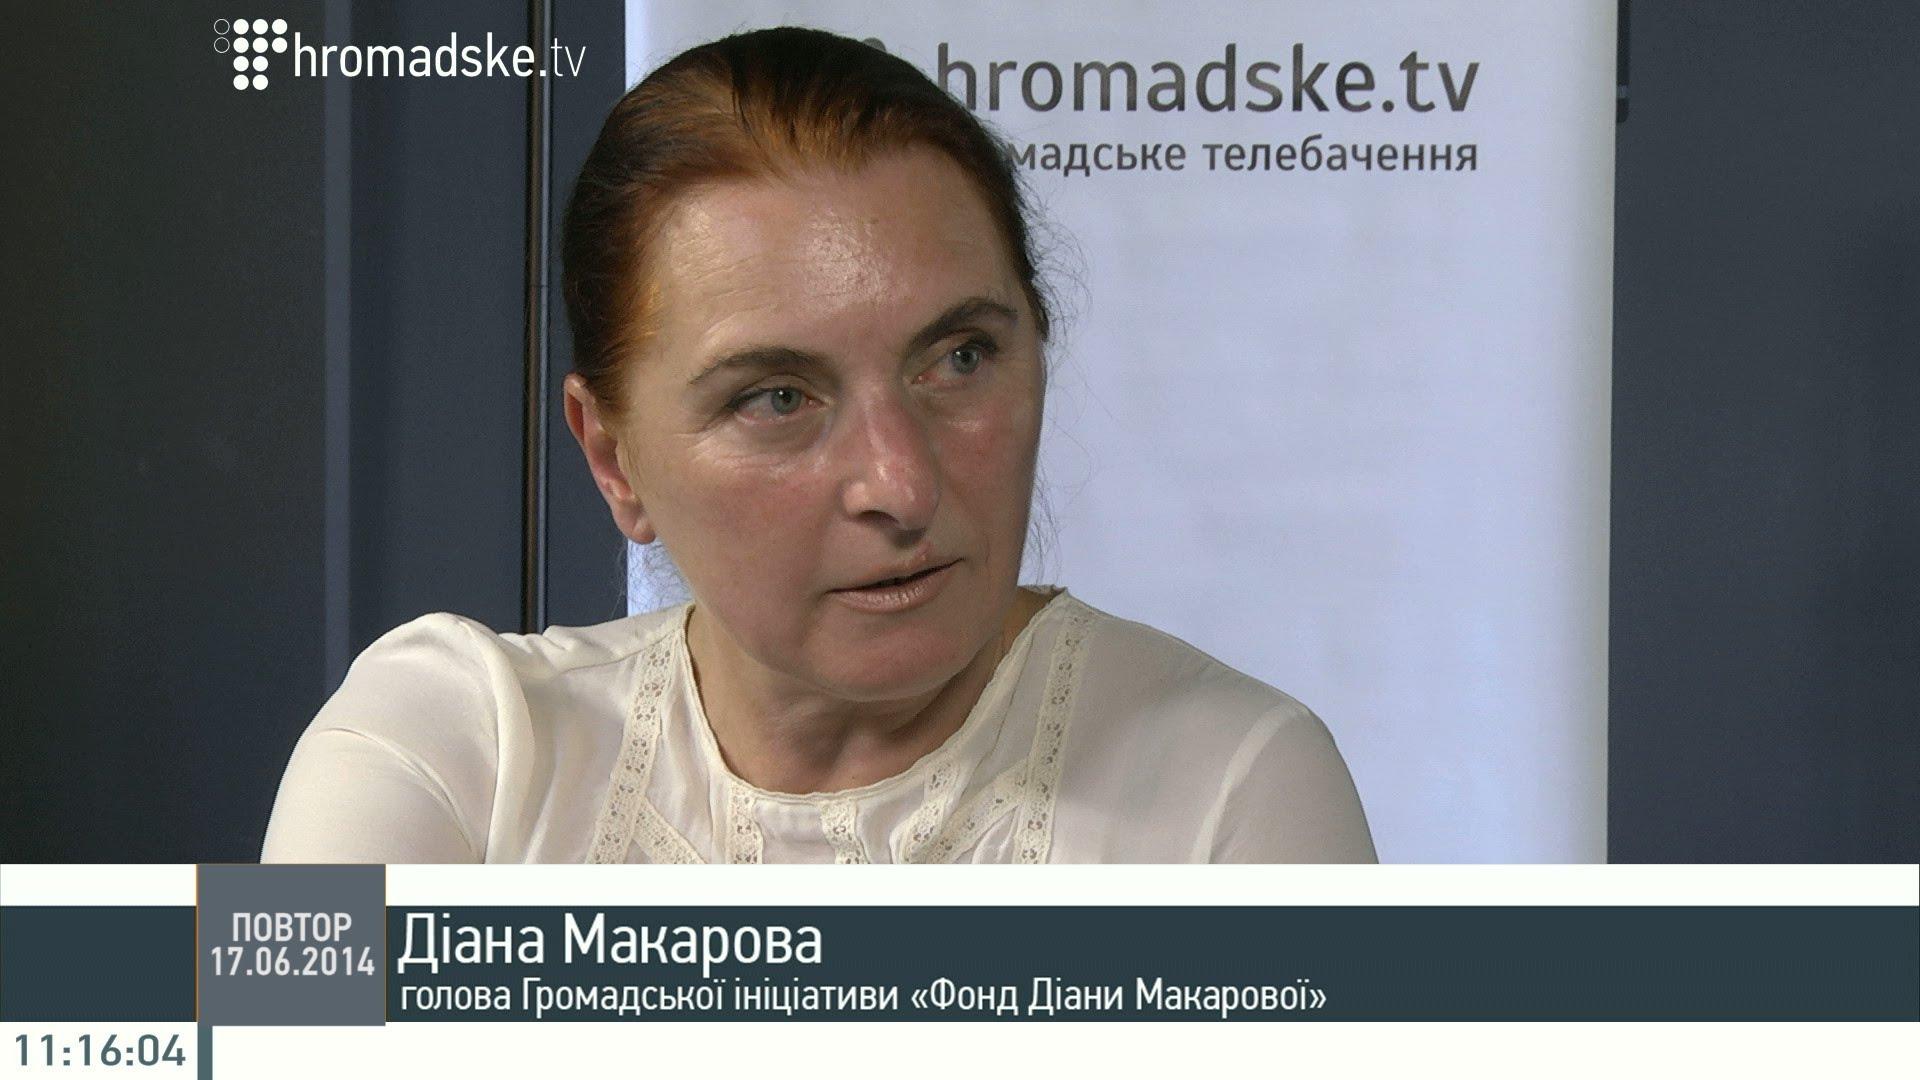 Правому сектору пригрозили добровольческими батальонами защитить гей-прайд в Киеве